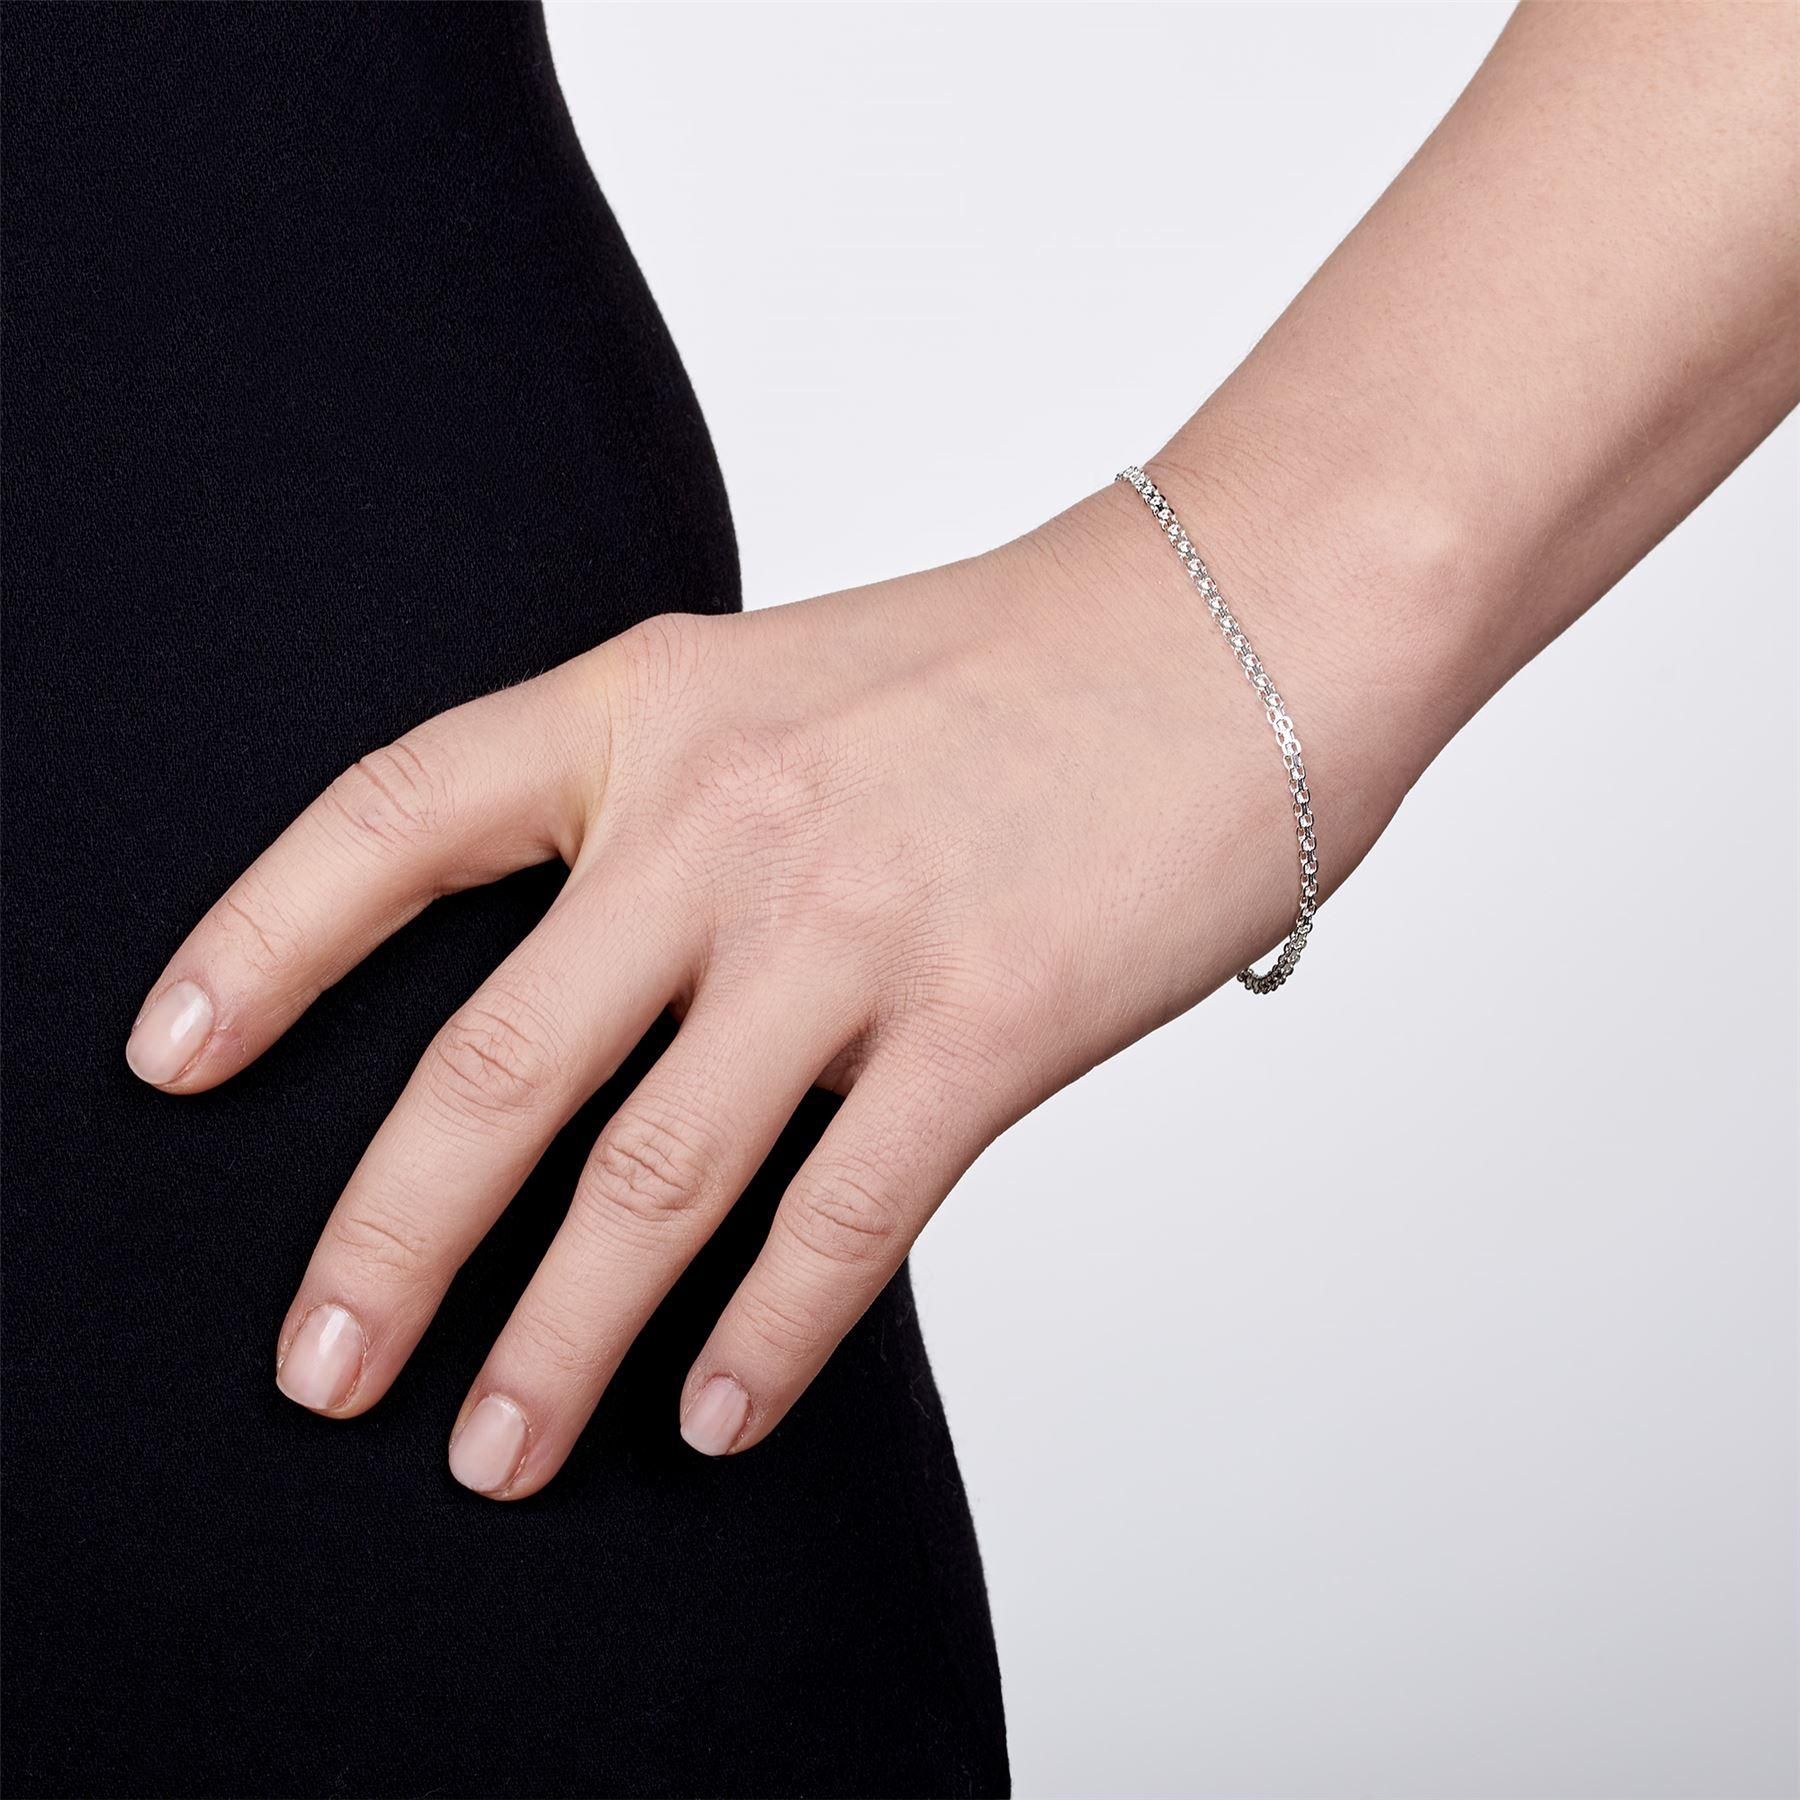 Amberta-Bijoux-Bracelet-en-Vrai-Argent-Sterling-925-Chaine-pour-Femme-a-la-Mode thumbnail 60